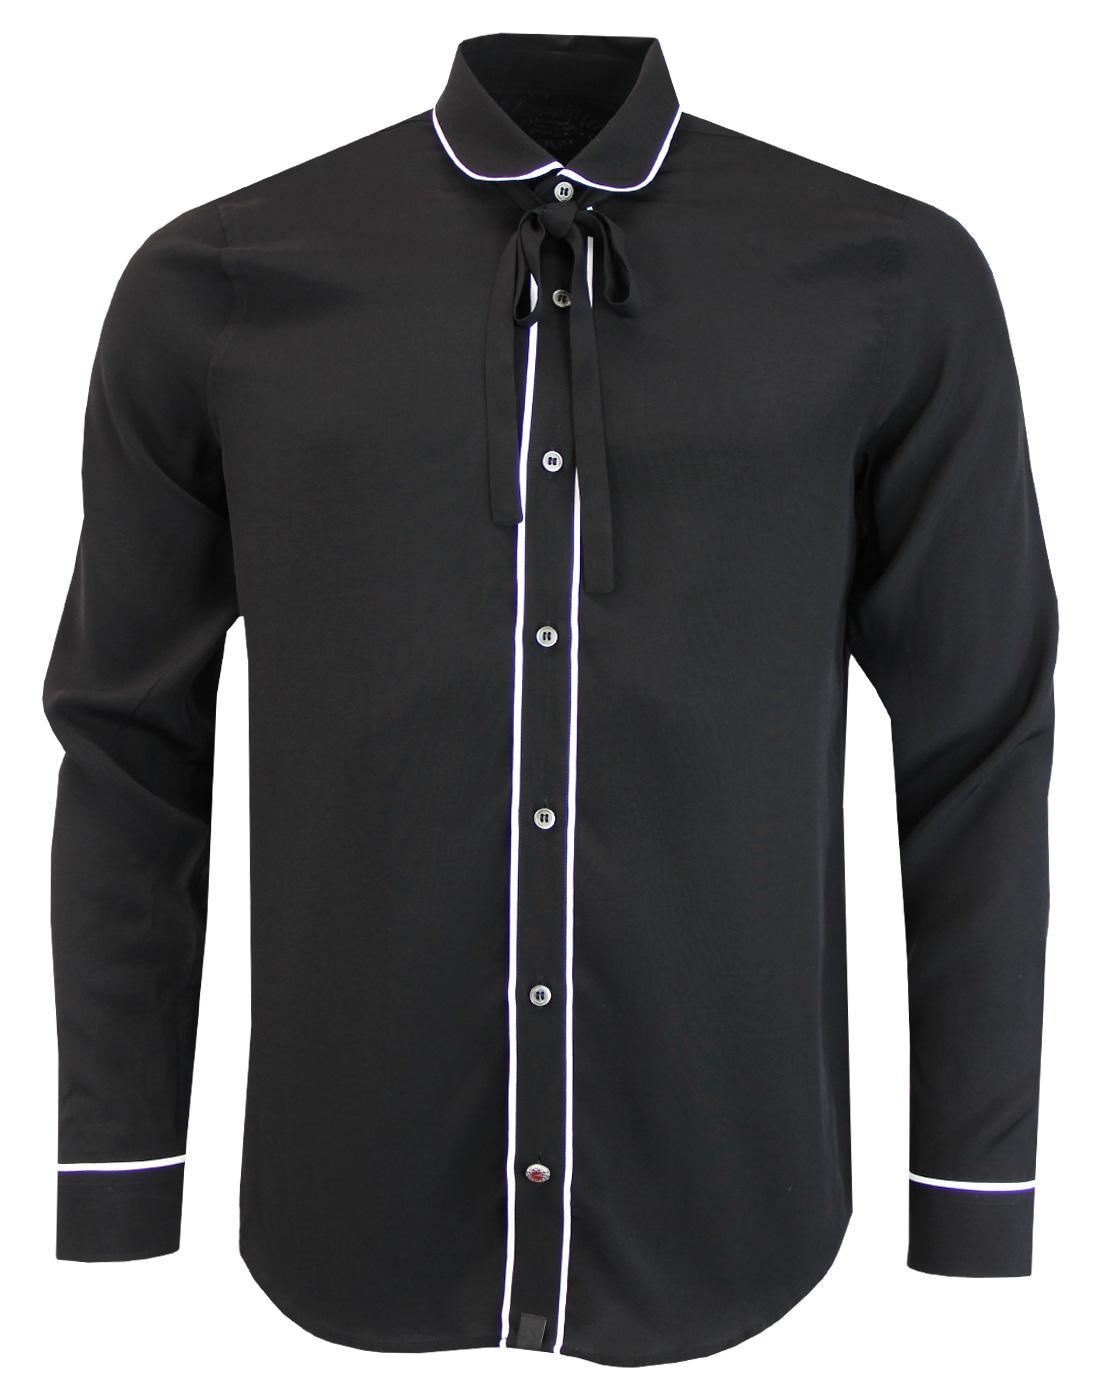 Shine PRETTY GREEN Syd Barrett Neck Tie 60s Shirt